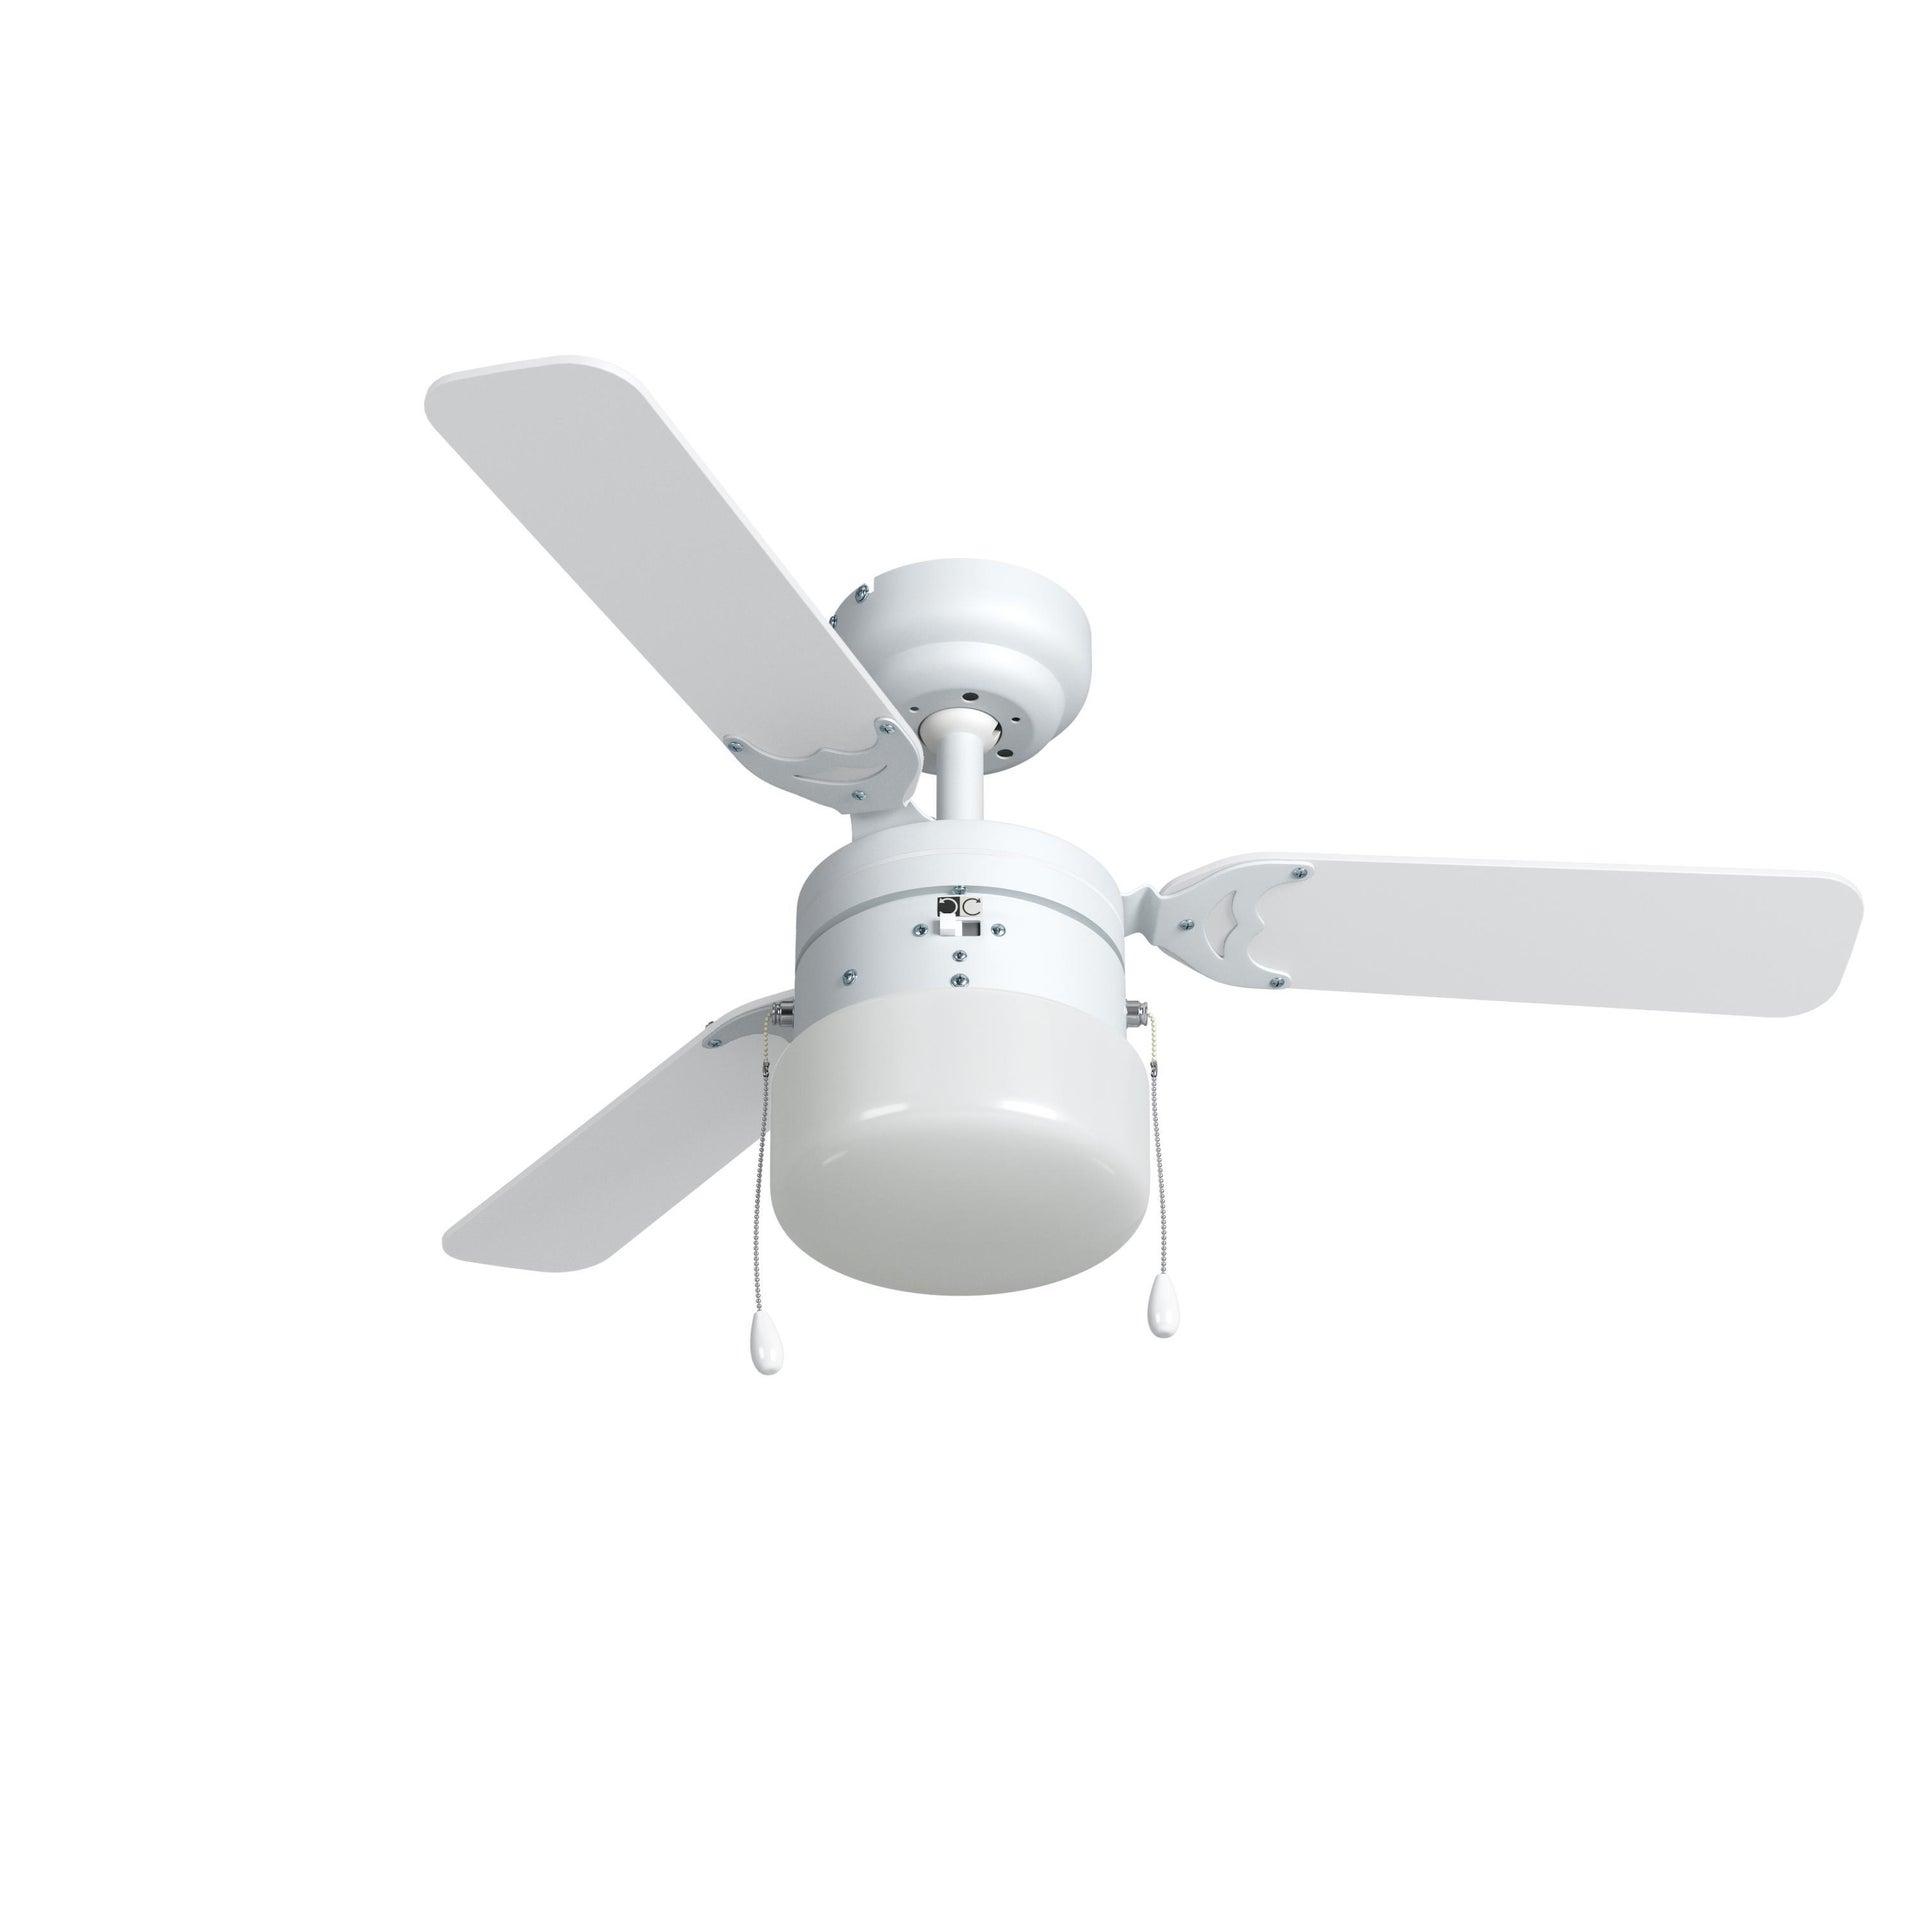 Ventilatore da soffitto Ana, grigio argento/bianco, D. 91 cm INSPIRE - 2